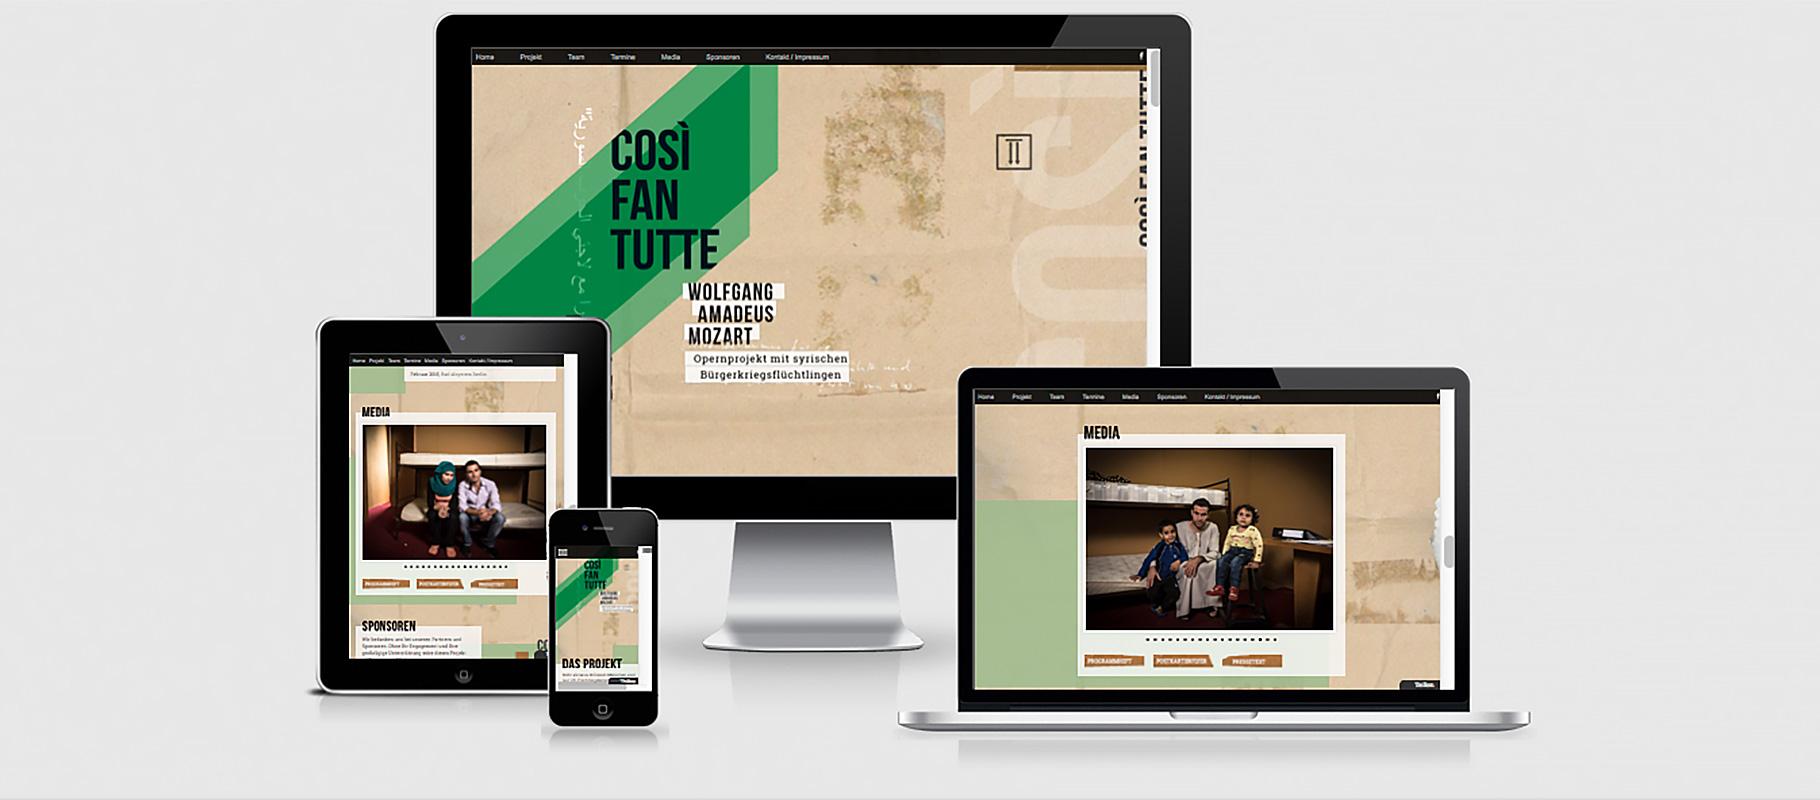 Opernprojekt COSI FAN TUTTE - Website auf PC, Tablet und Smartphone